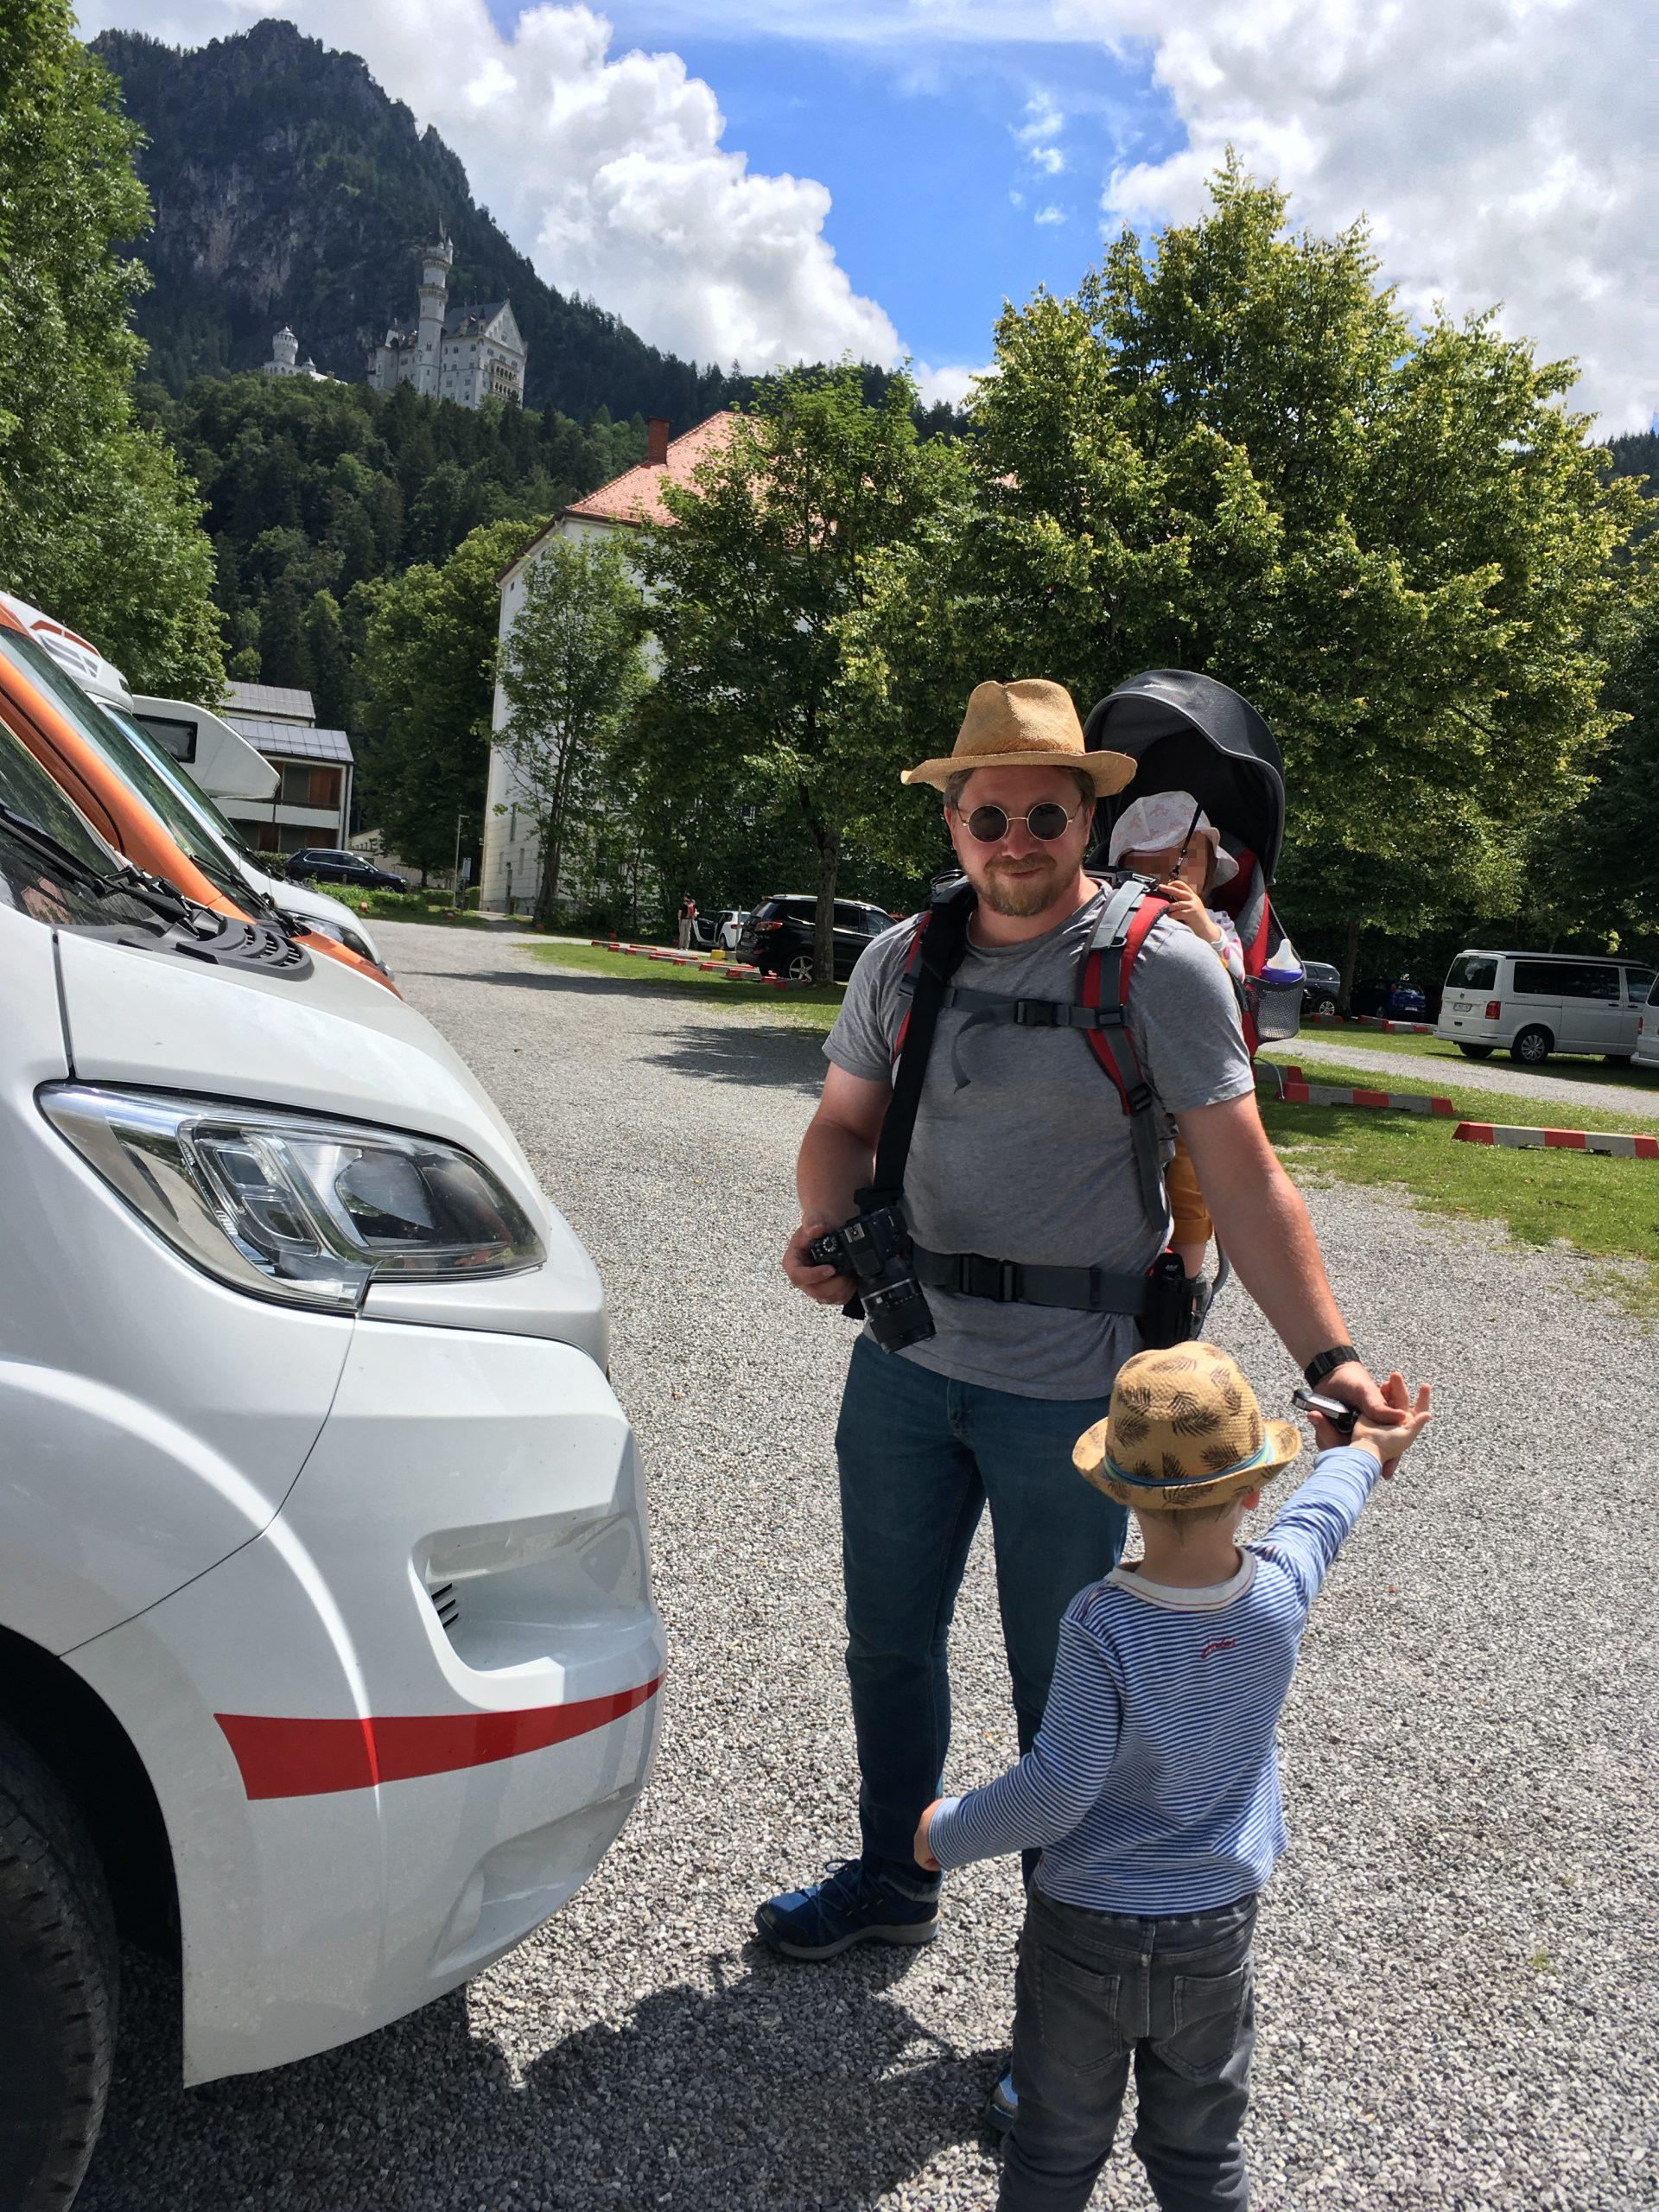 Familienurlaub im Reisemobil